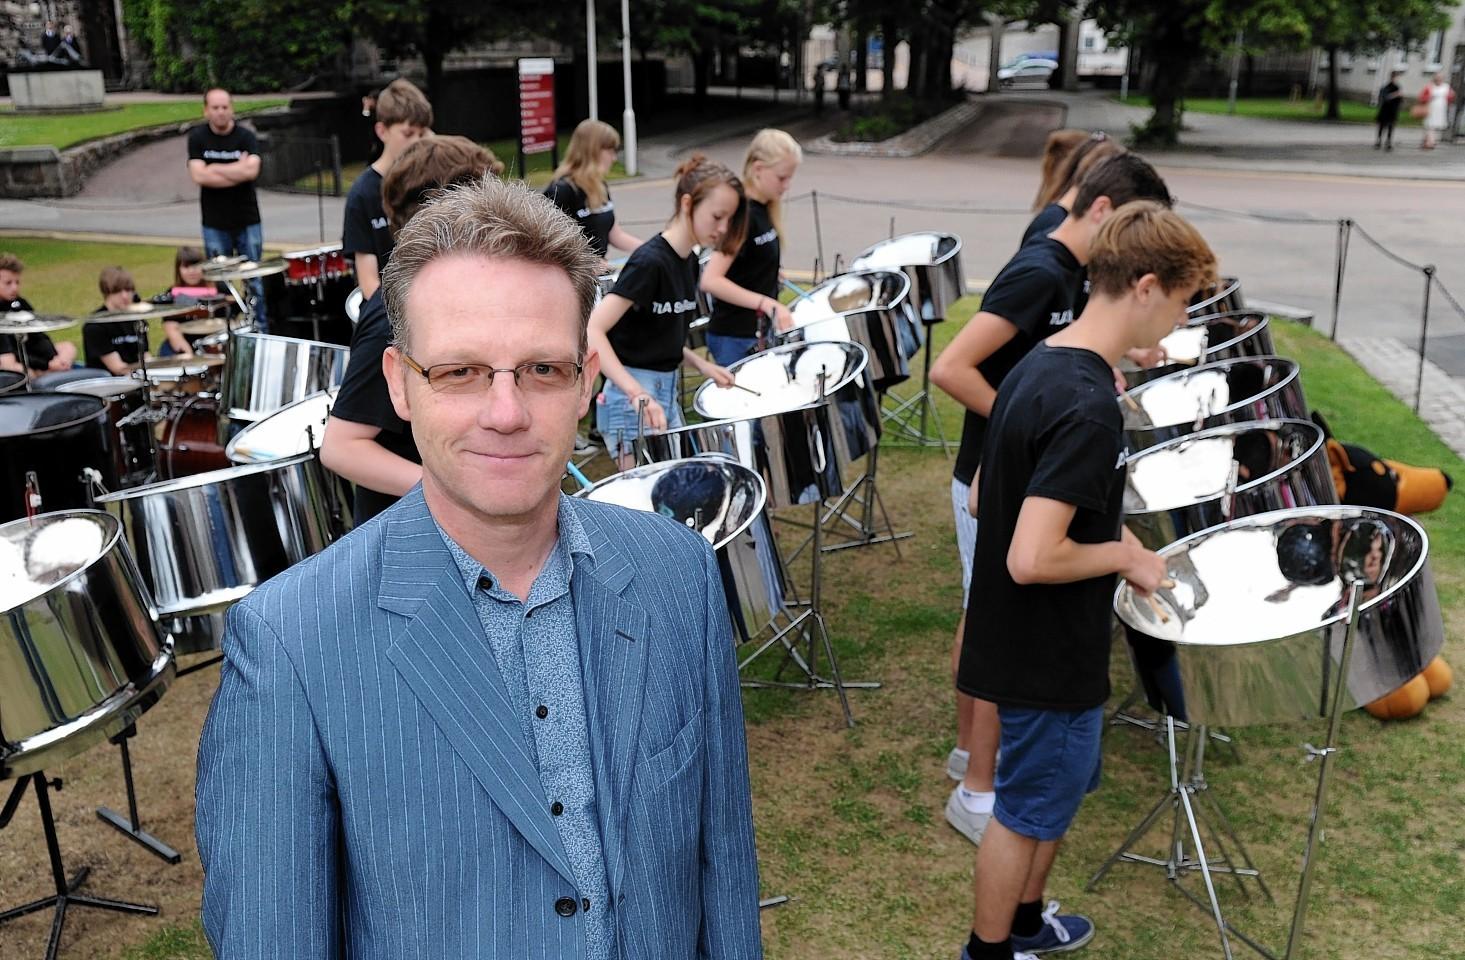 Stewart Aitken